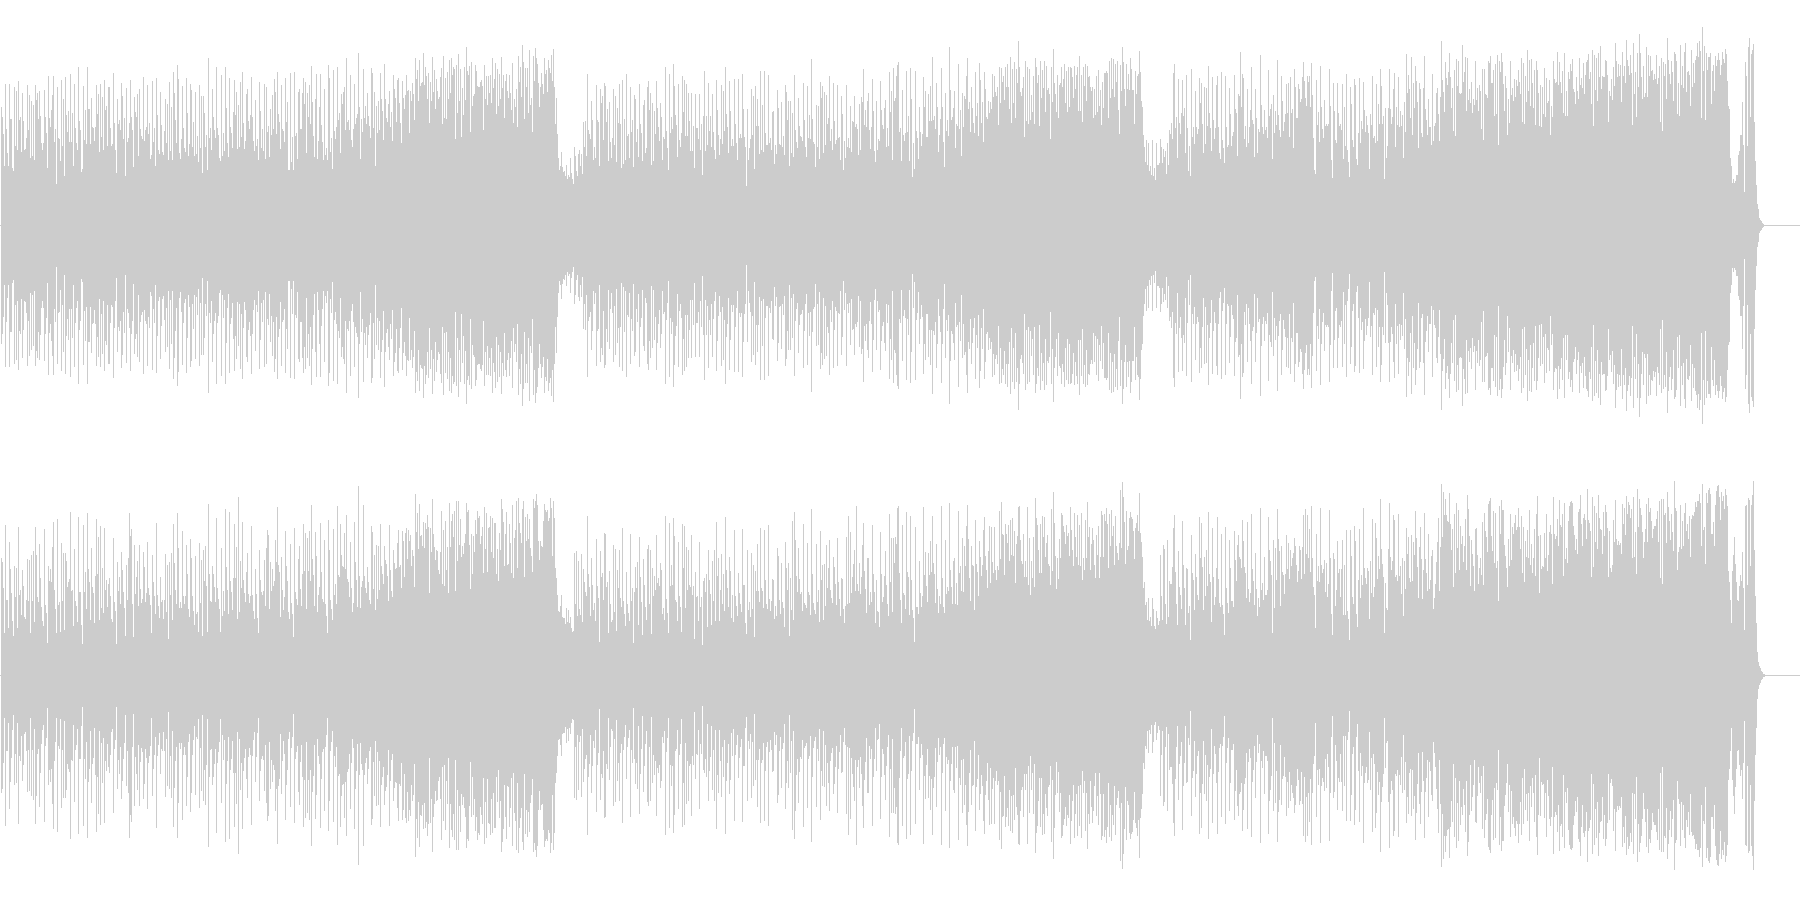 和やかなポップ BGM(フルサイズ)の未再生の波形